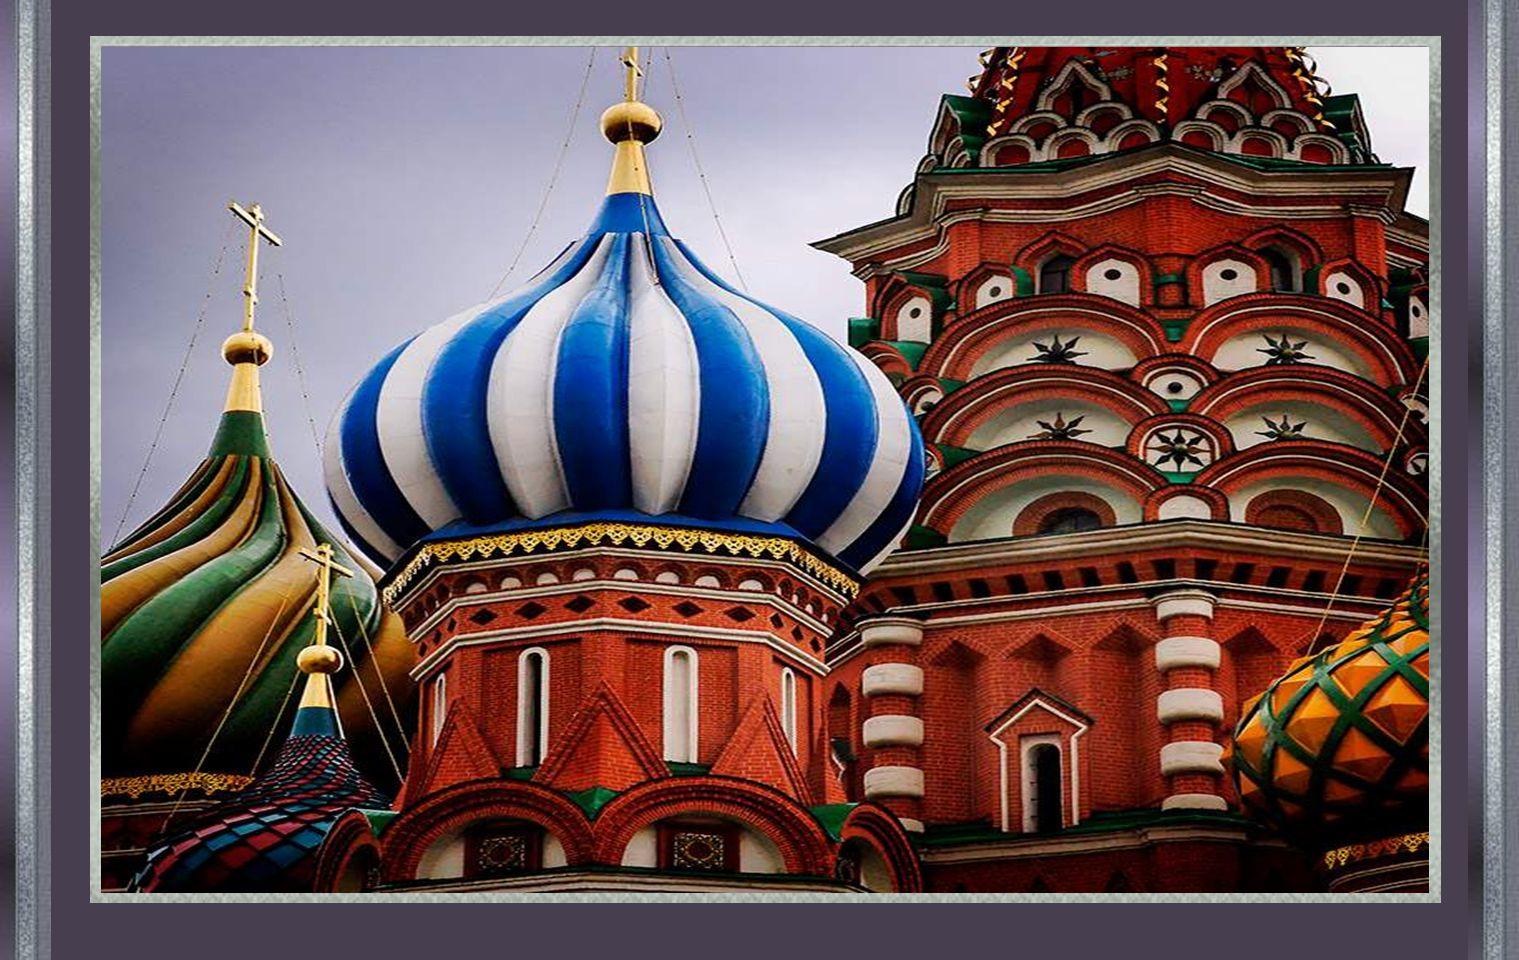 Podle jedné legendy nechal car Ivan jejího architekta oslepit, aby už nikdy nemohl vystavět takový nebo ještě lepší chrám. In accordance with the lege